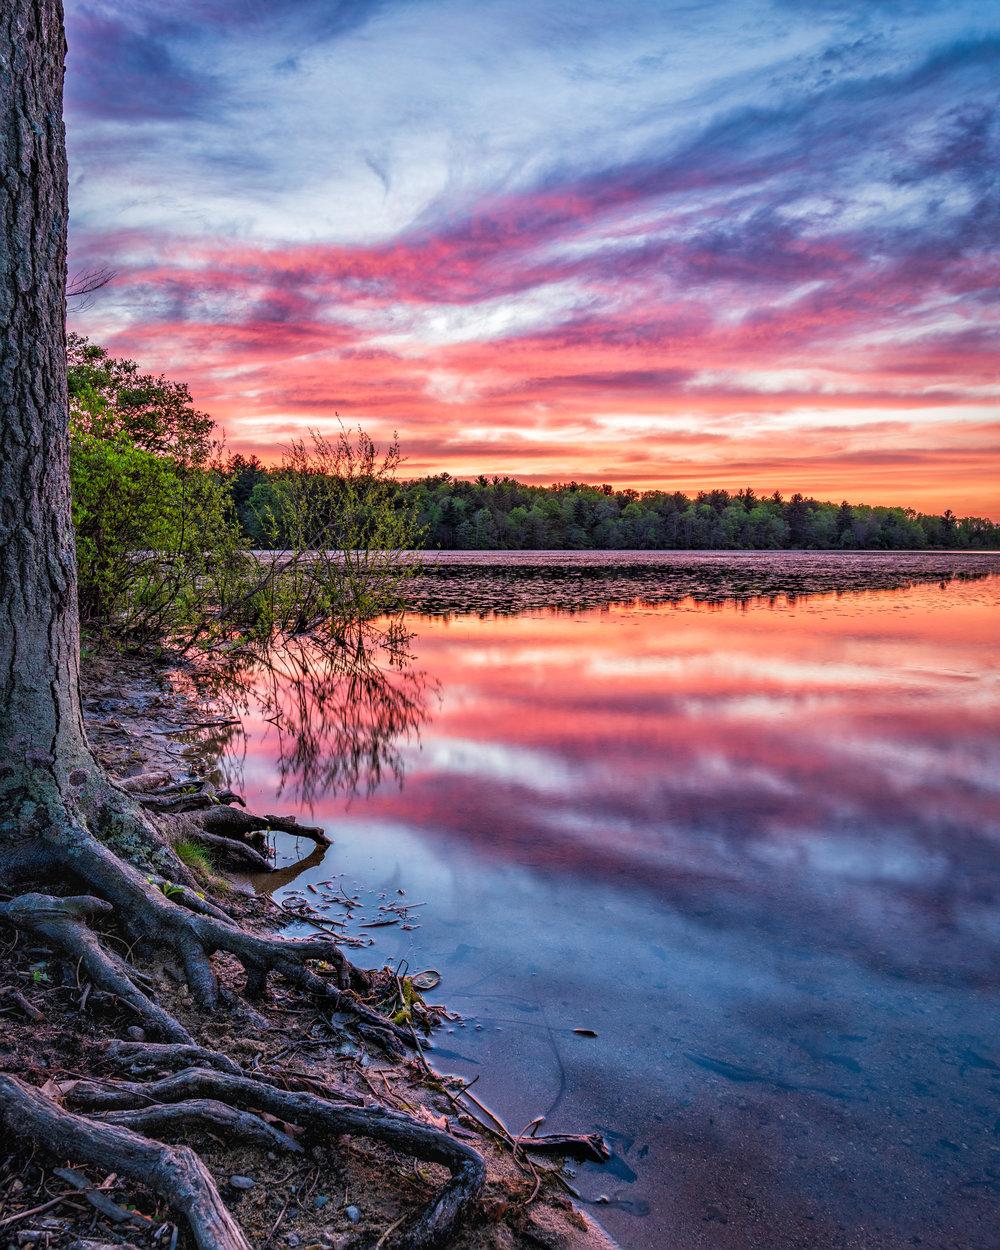 Sunset at Burrage Pond